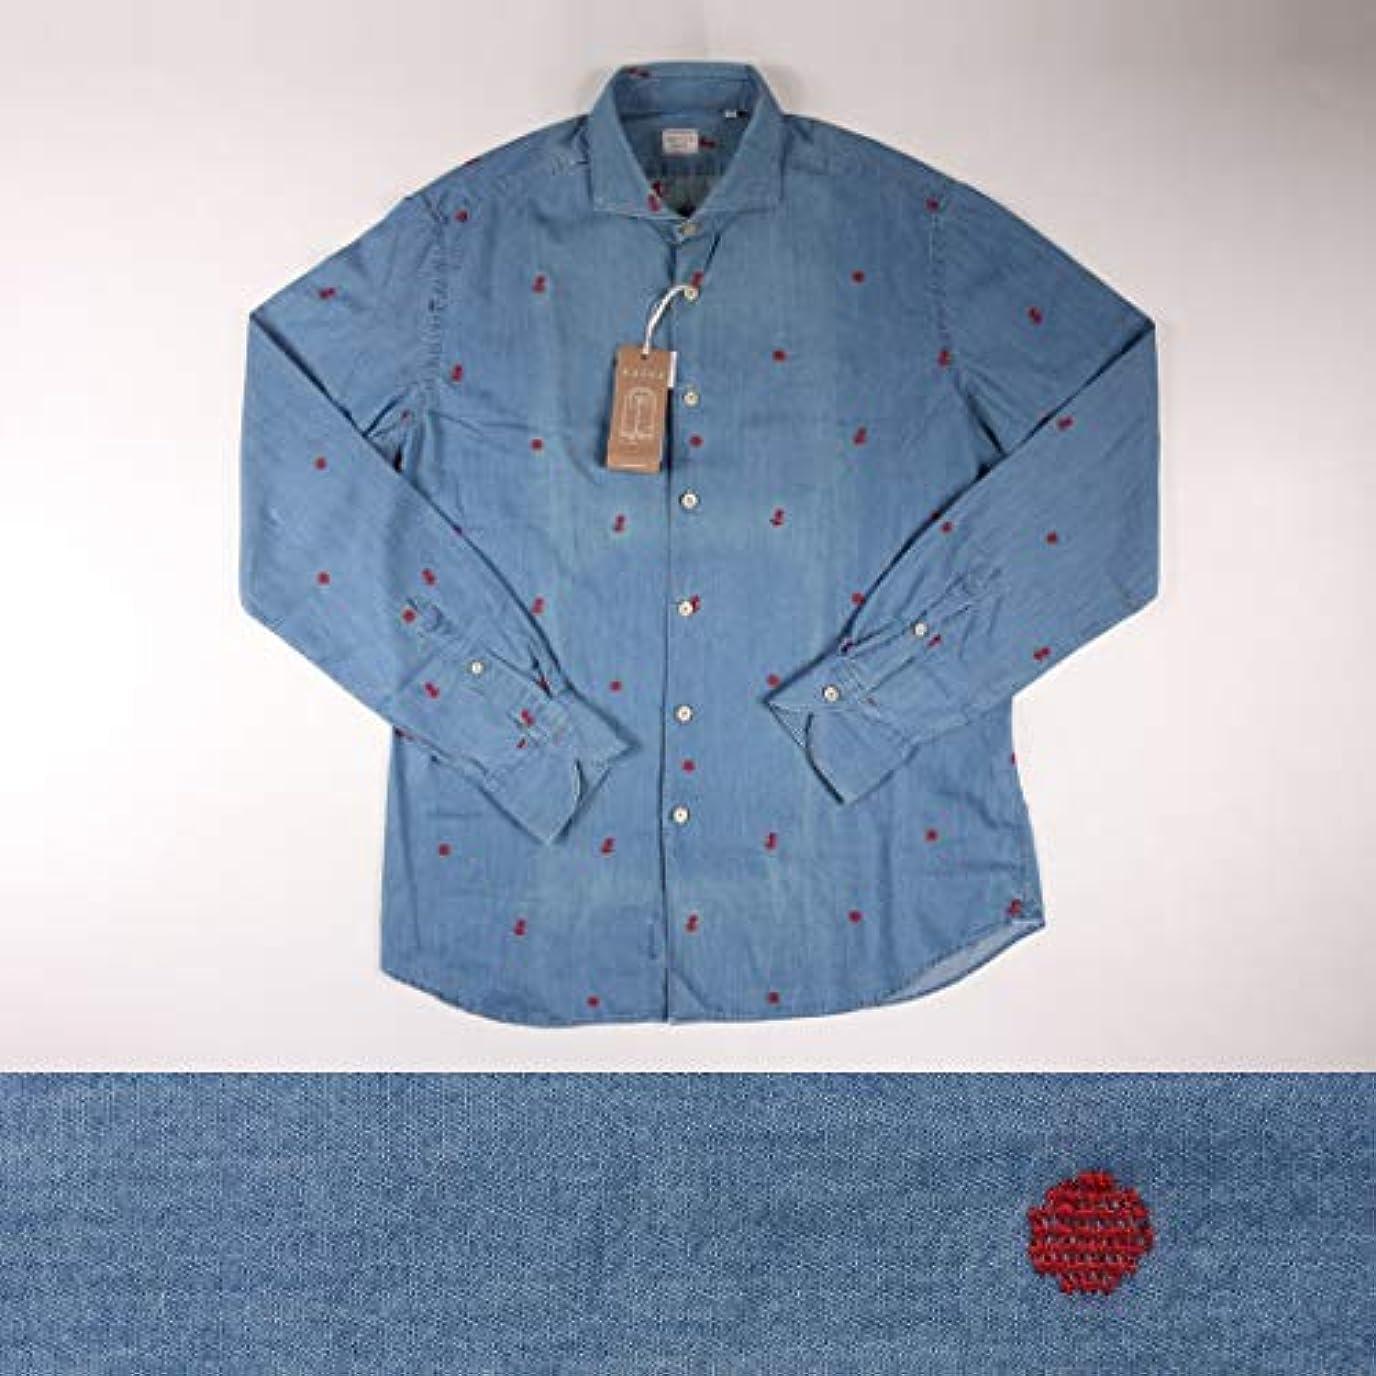 お世話になった耐えられない共産主義者B品 XACUS 刺繍 ロゴ 長袖シャツ 716ML denim x blue 42 B17145【A17145】 ザカス [並行輸入品]